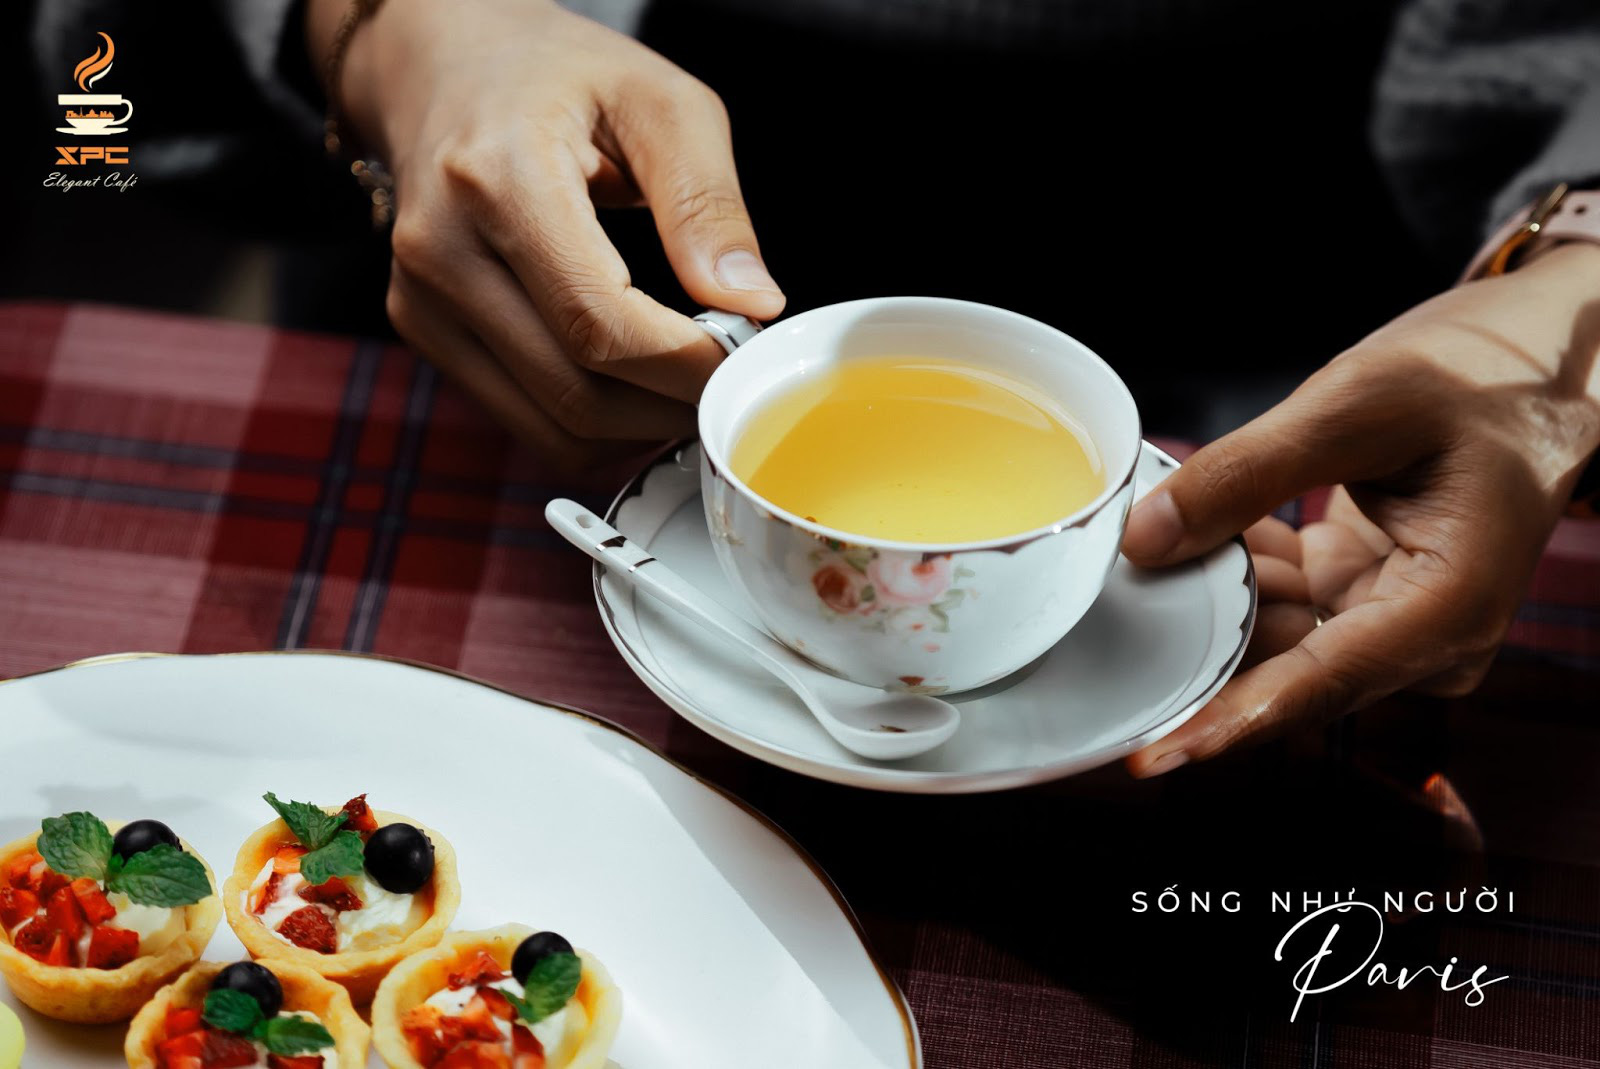 SPC Elegant Café - Paris thu nhỏ giữa lòng Sài Gòn - Ảnh 2.